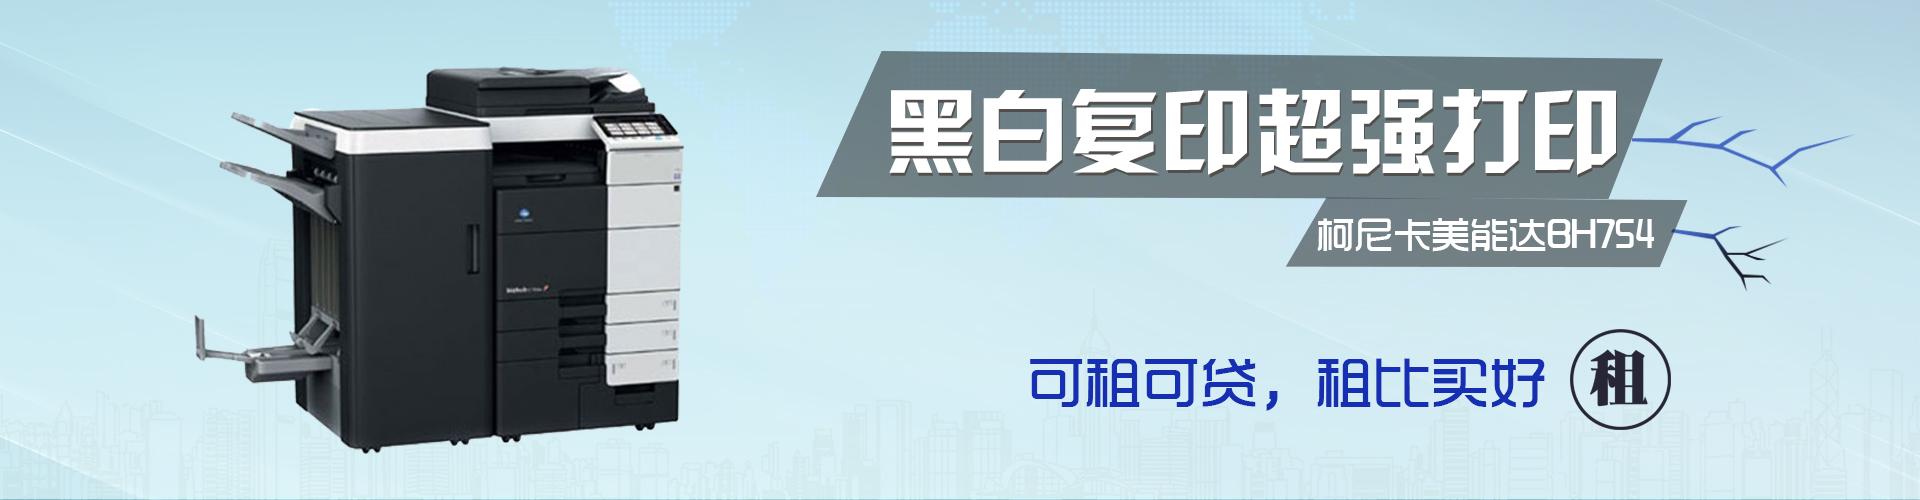 阳江市科锐科技有限公司